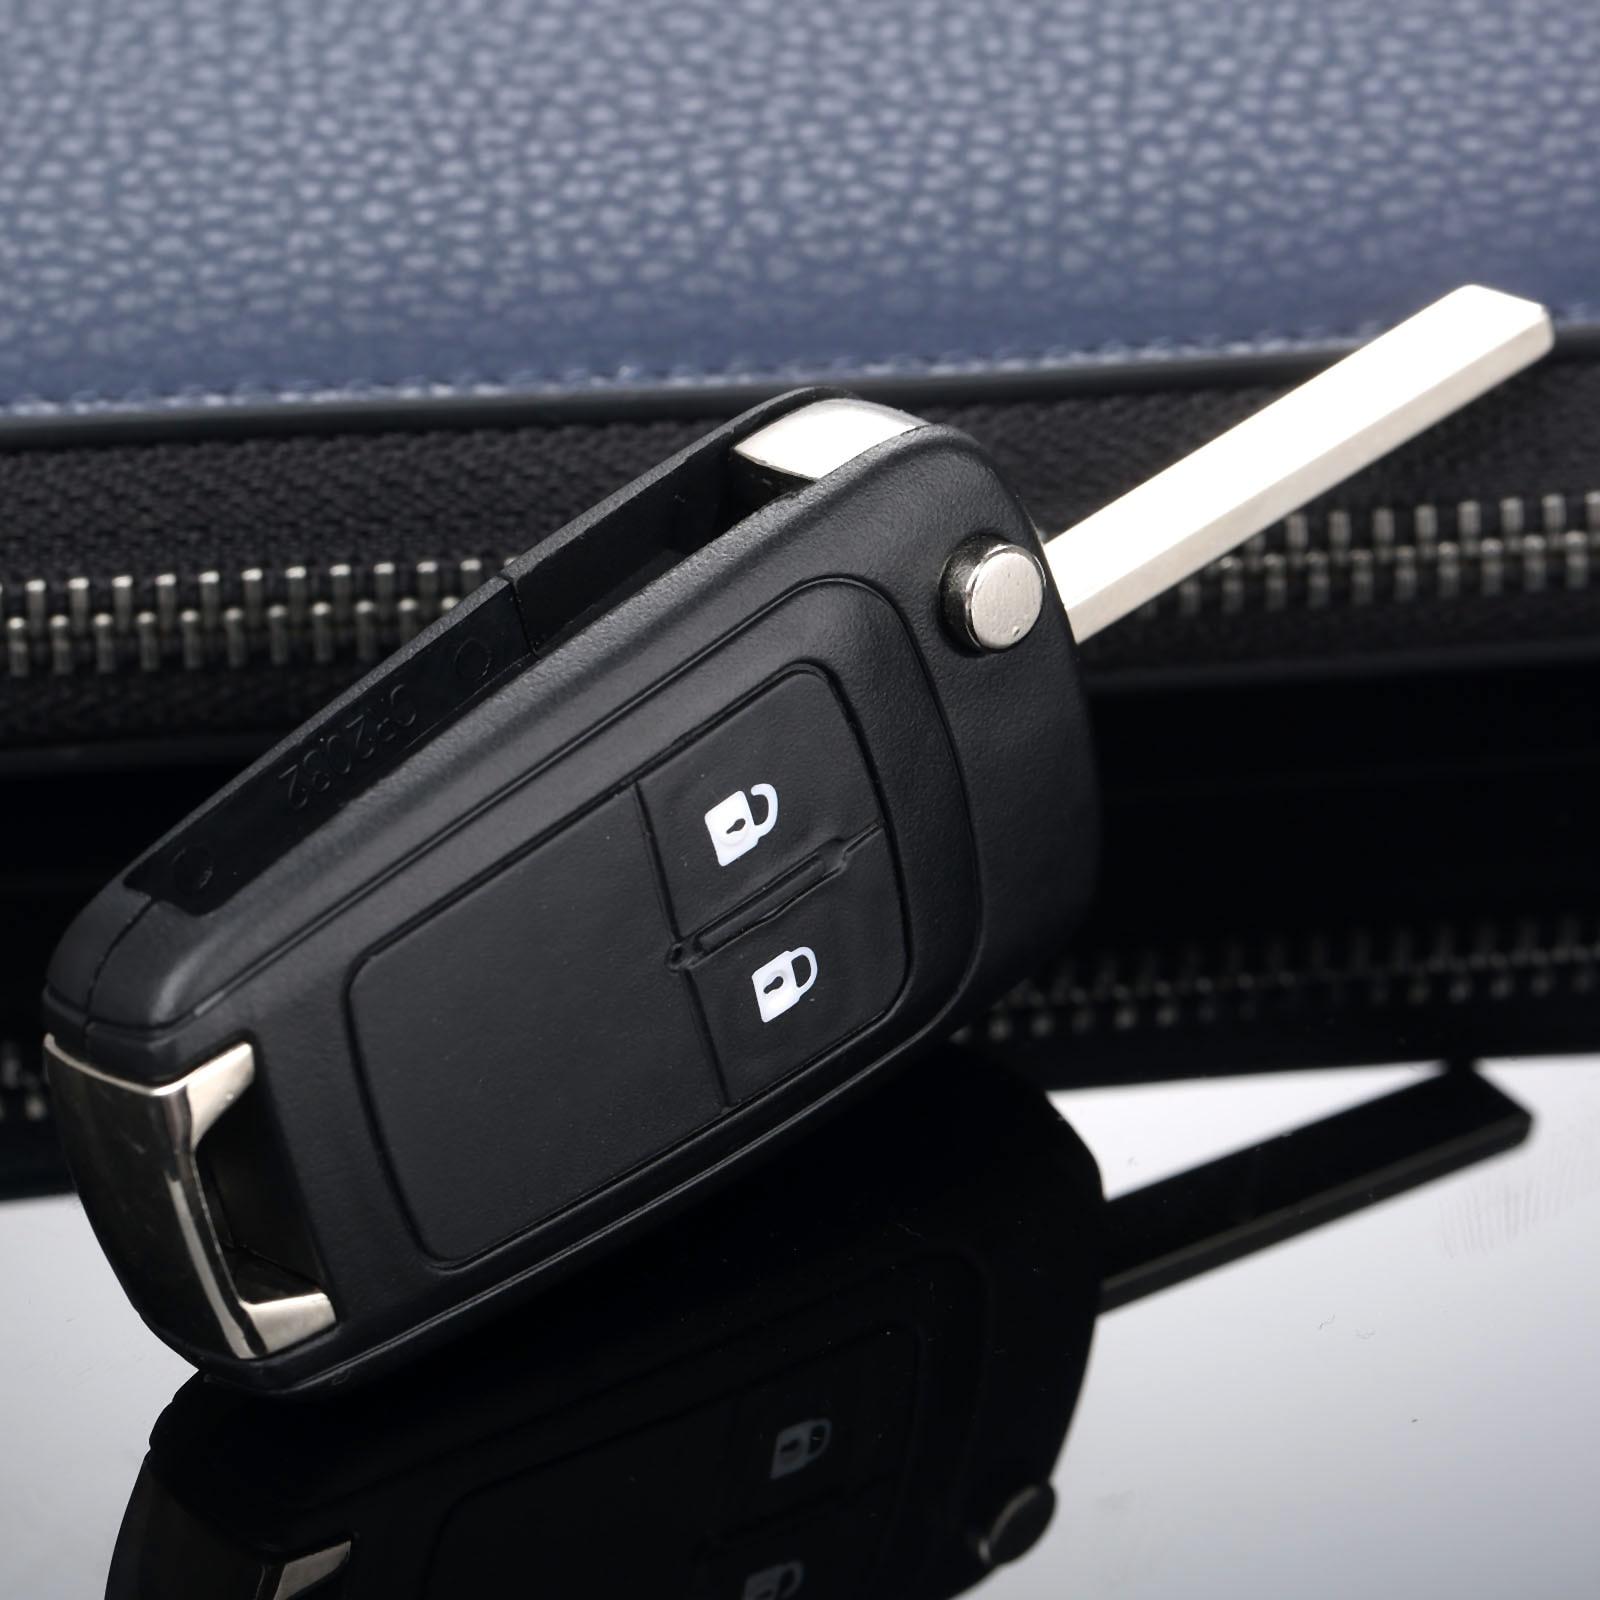 Image 4 - 2 кнопки дистанционного Складной флип чехол Fob крышка автомобиля заготовка для ключа зажигания подходит для Chevrolet Camaro Cruze Equinox Malibu Sonic Spark Volt-in Ключ авто from Автомобили и мотоциклы